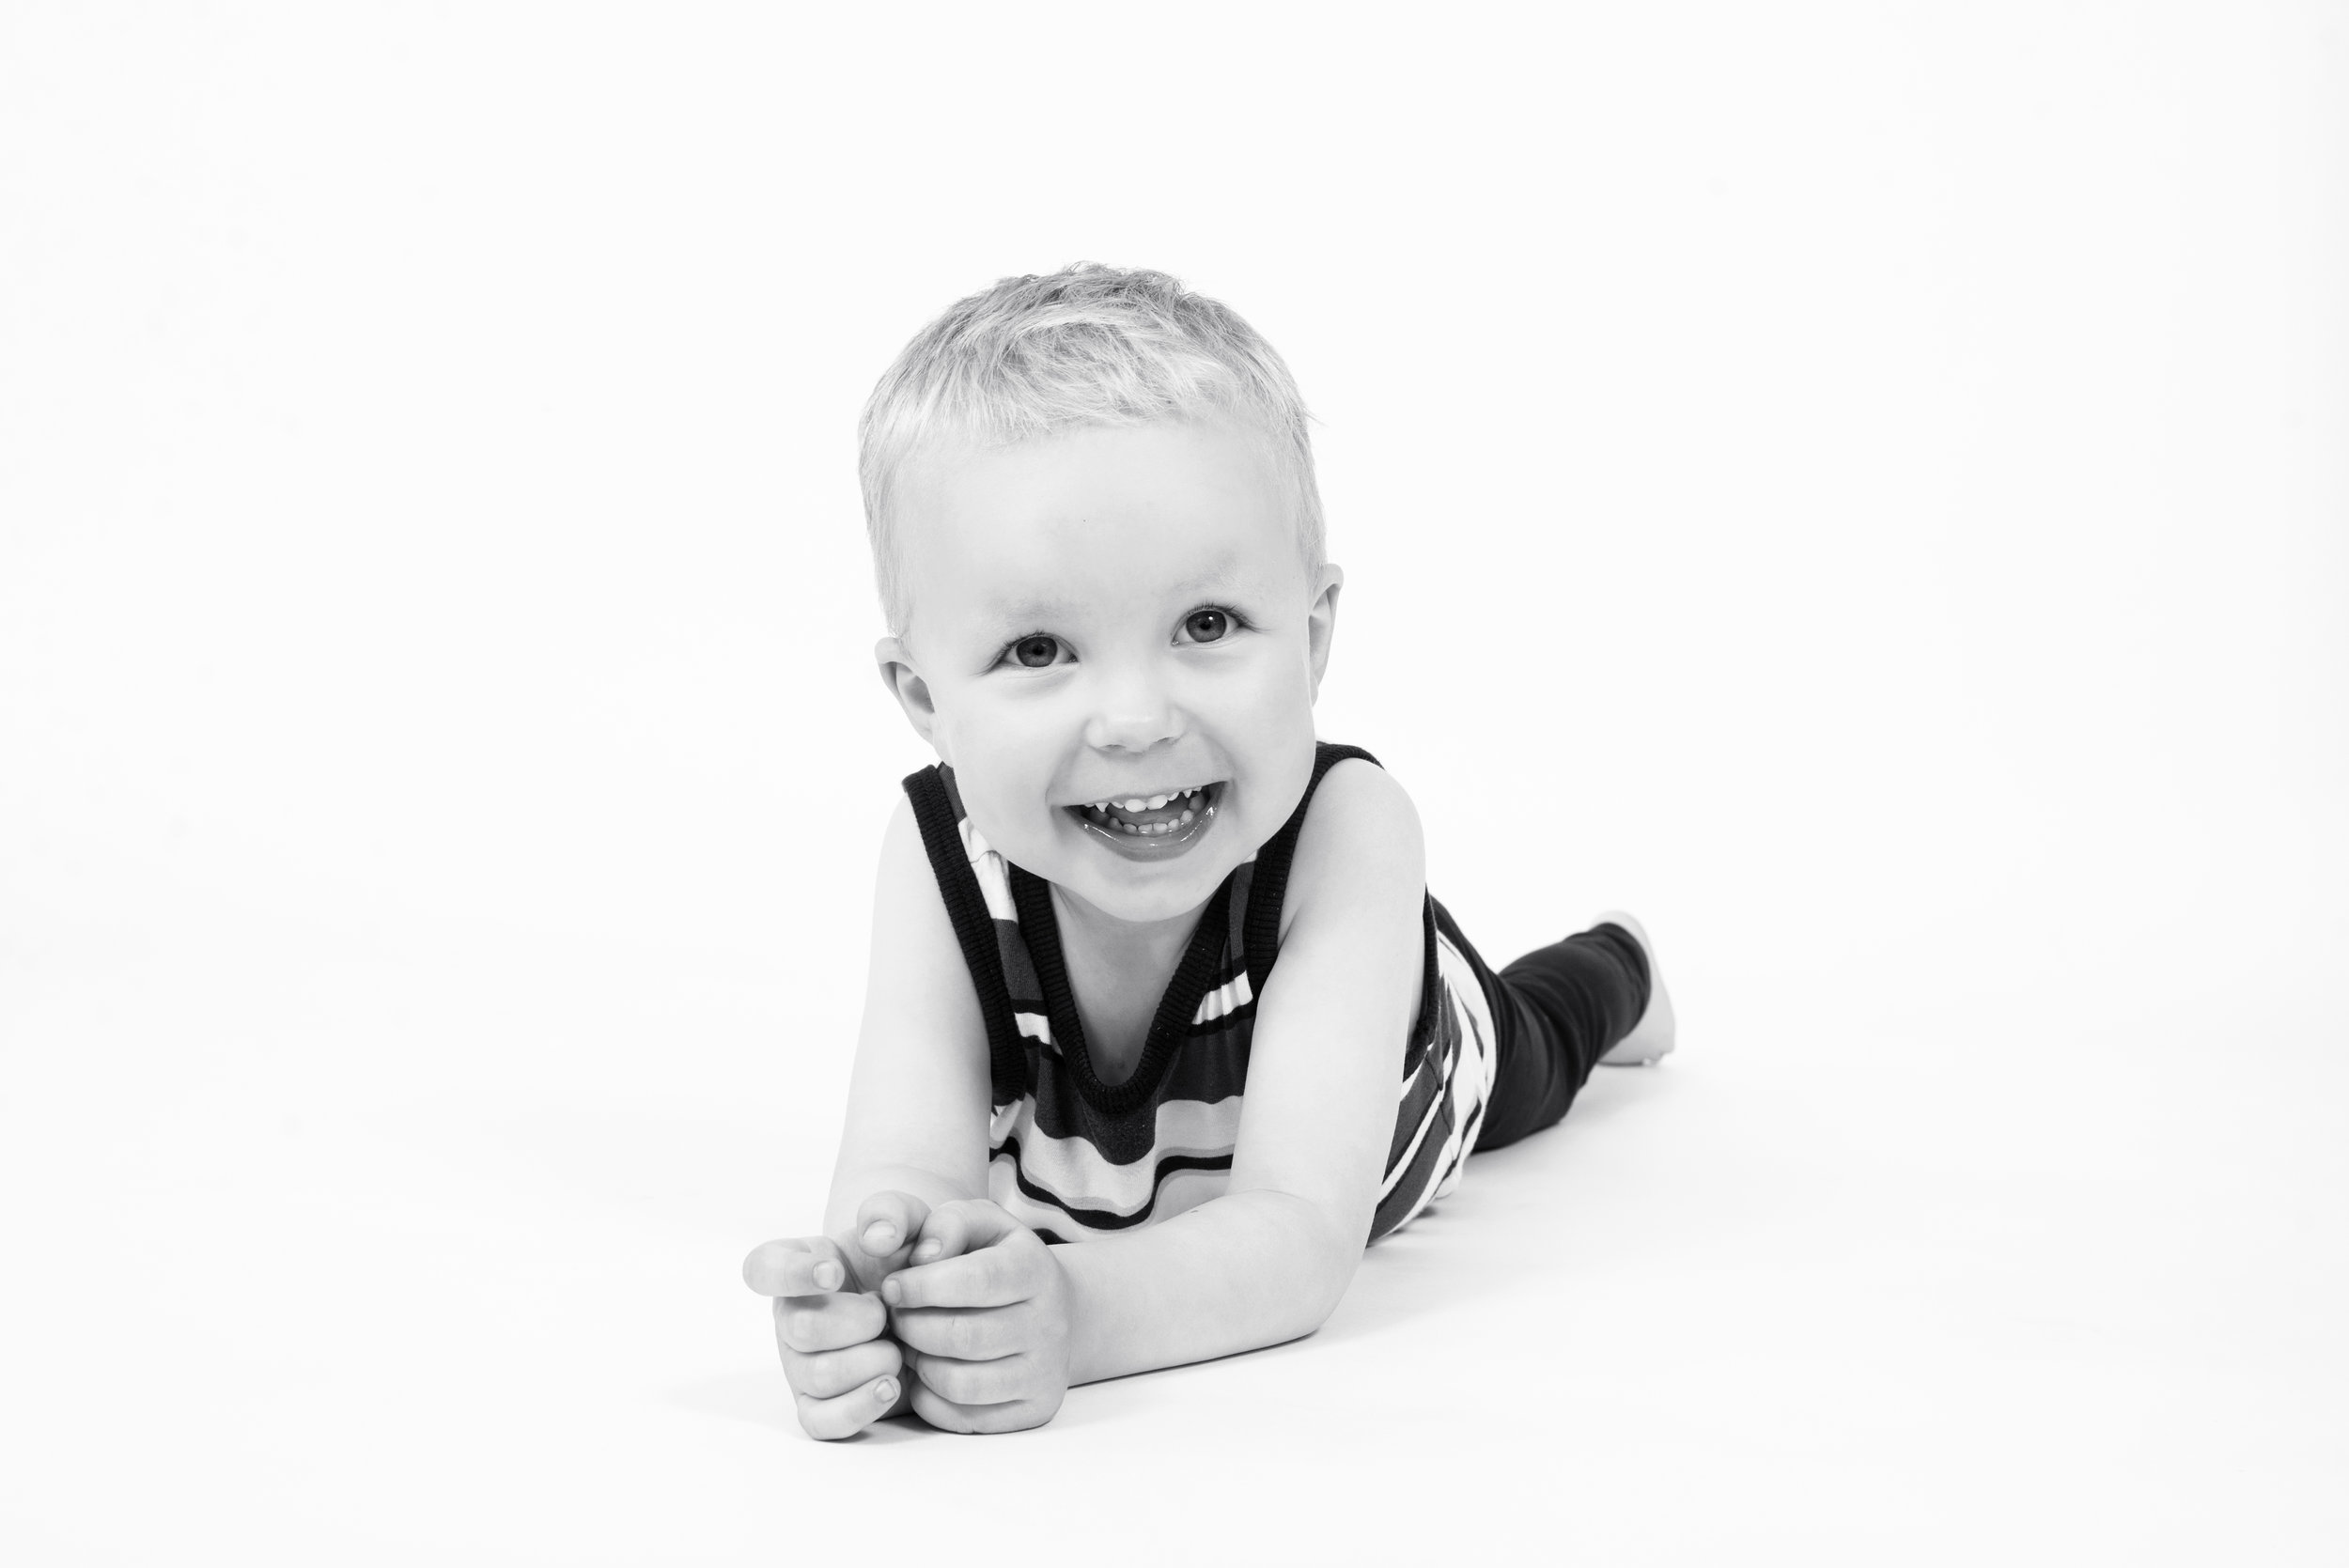 Portræt/børn - 60 minutters fotografering i studie. 6 billeder leveres elektronisk. Pris for et barn. Ekstra barn + 500kr.Pris: 1.200 dkk